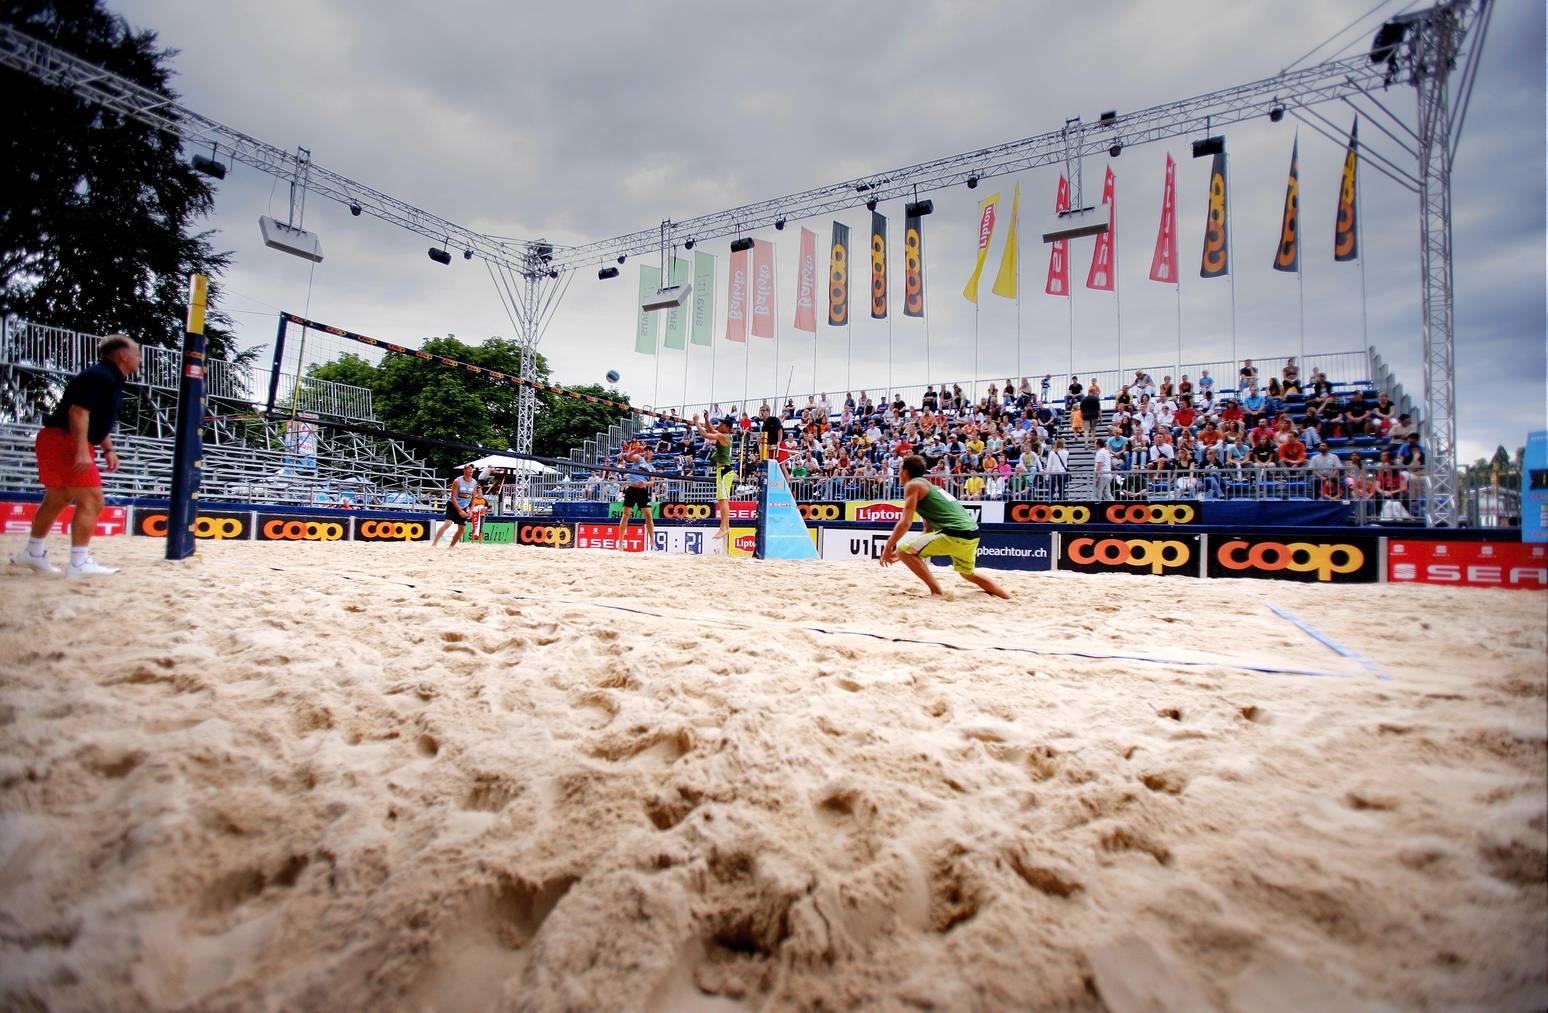 Die Coop Beachtour ist vom 26. bis 29. August in Rorschach.